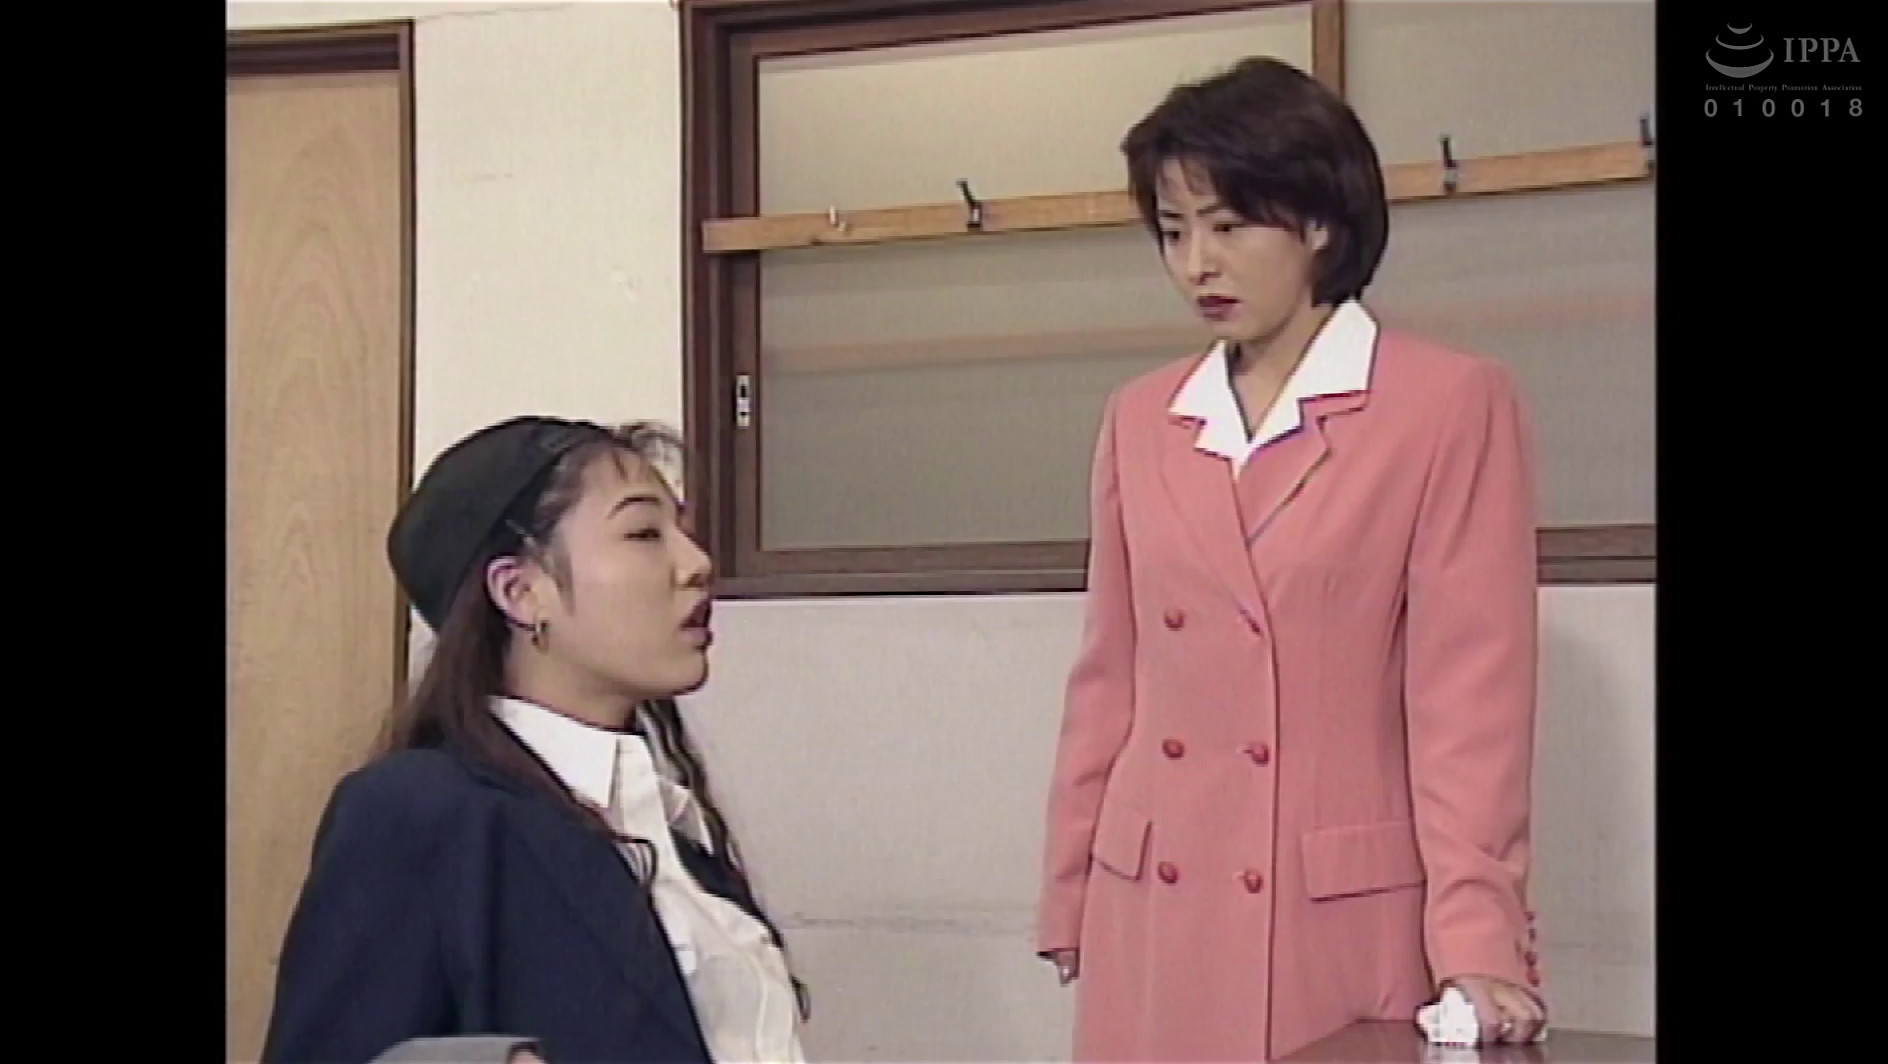 女教師乱れ泣き シリーズ3作復刻収録版 画像3